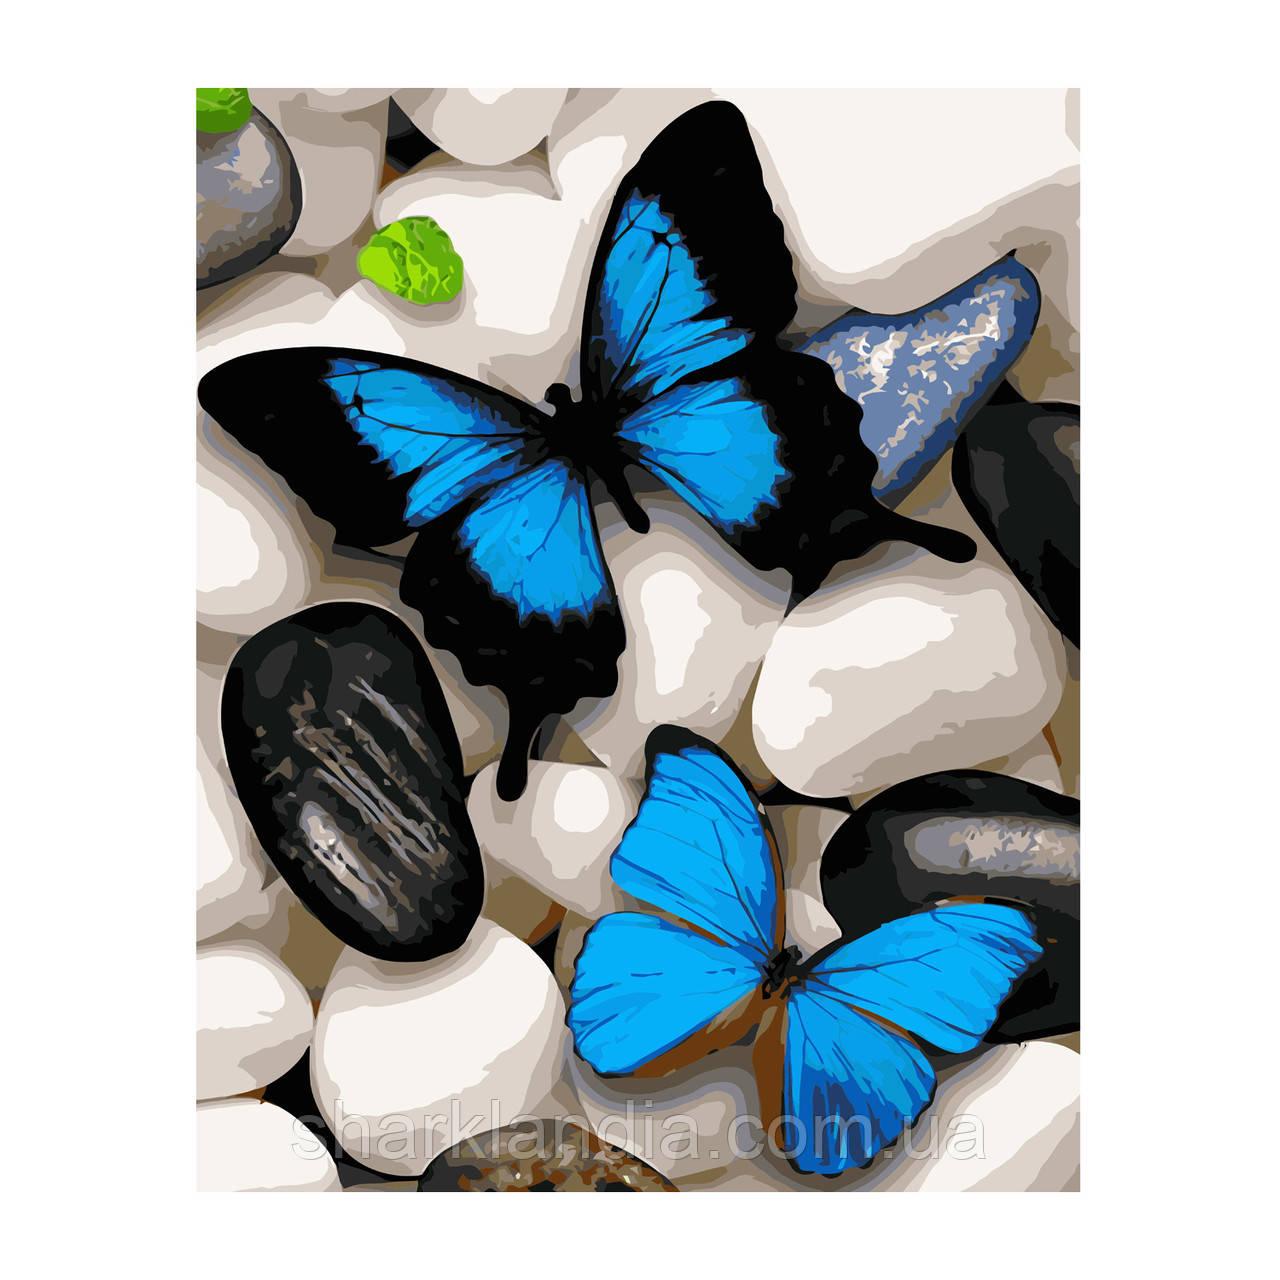 Картина по номерам Синие бабочки на камнях 40*50см Strateg Раскраски Бабоачка